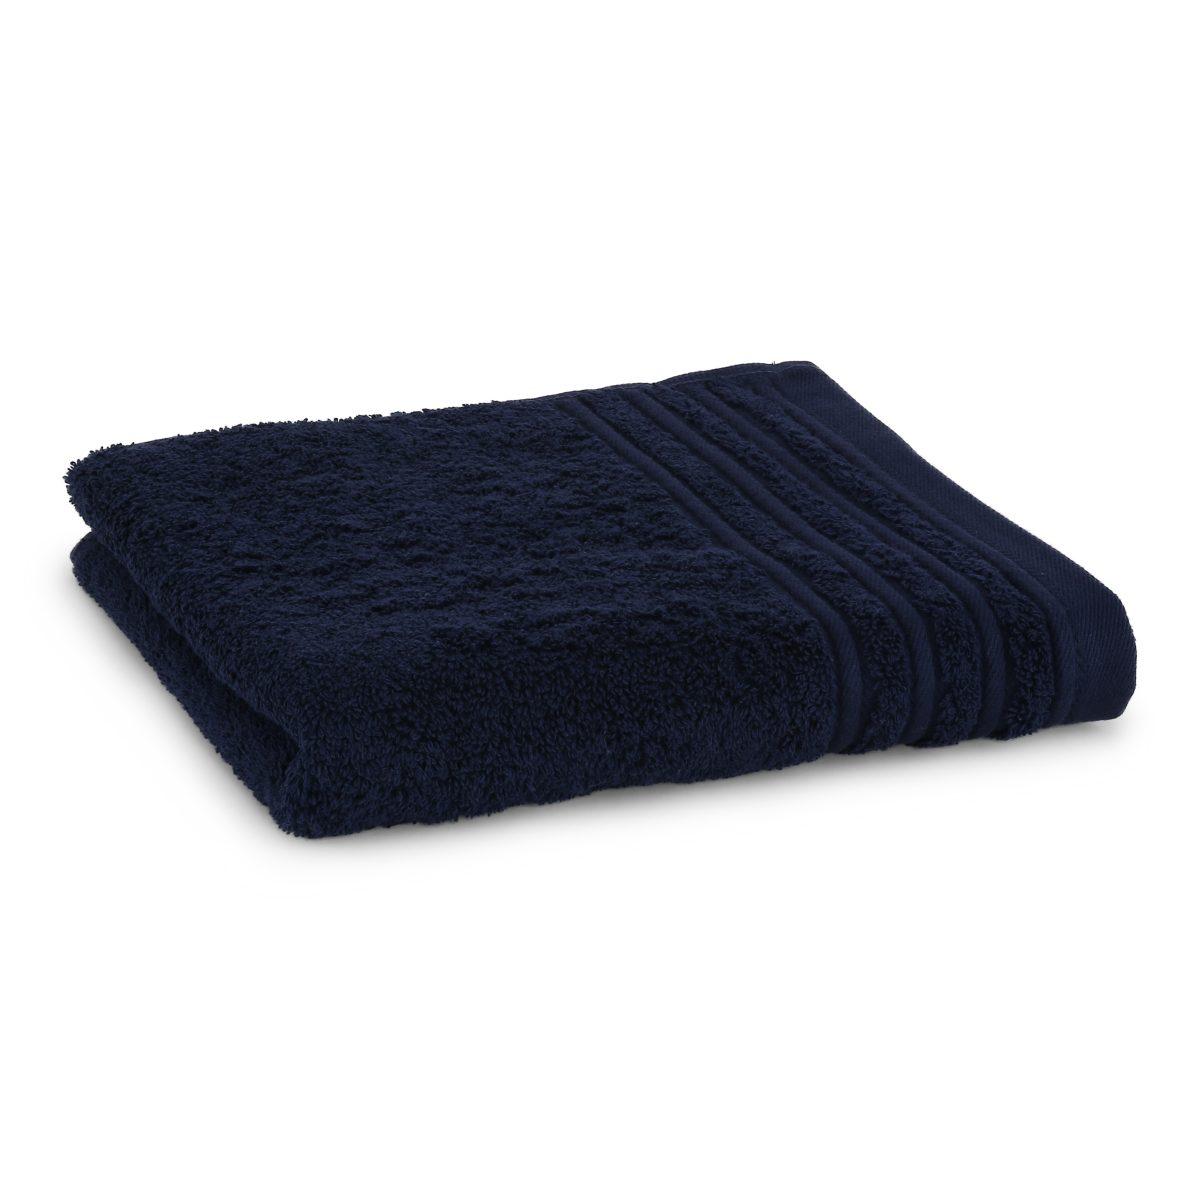 Håndklæde med broderet navn - mørk blå